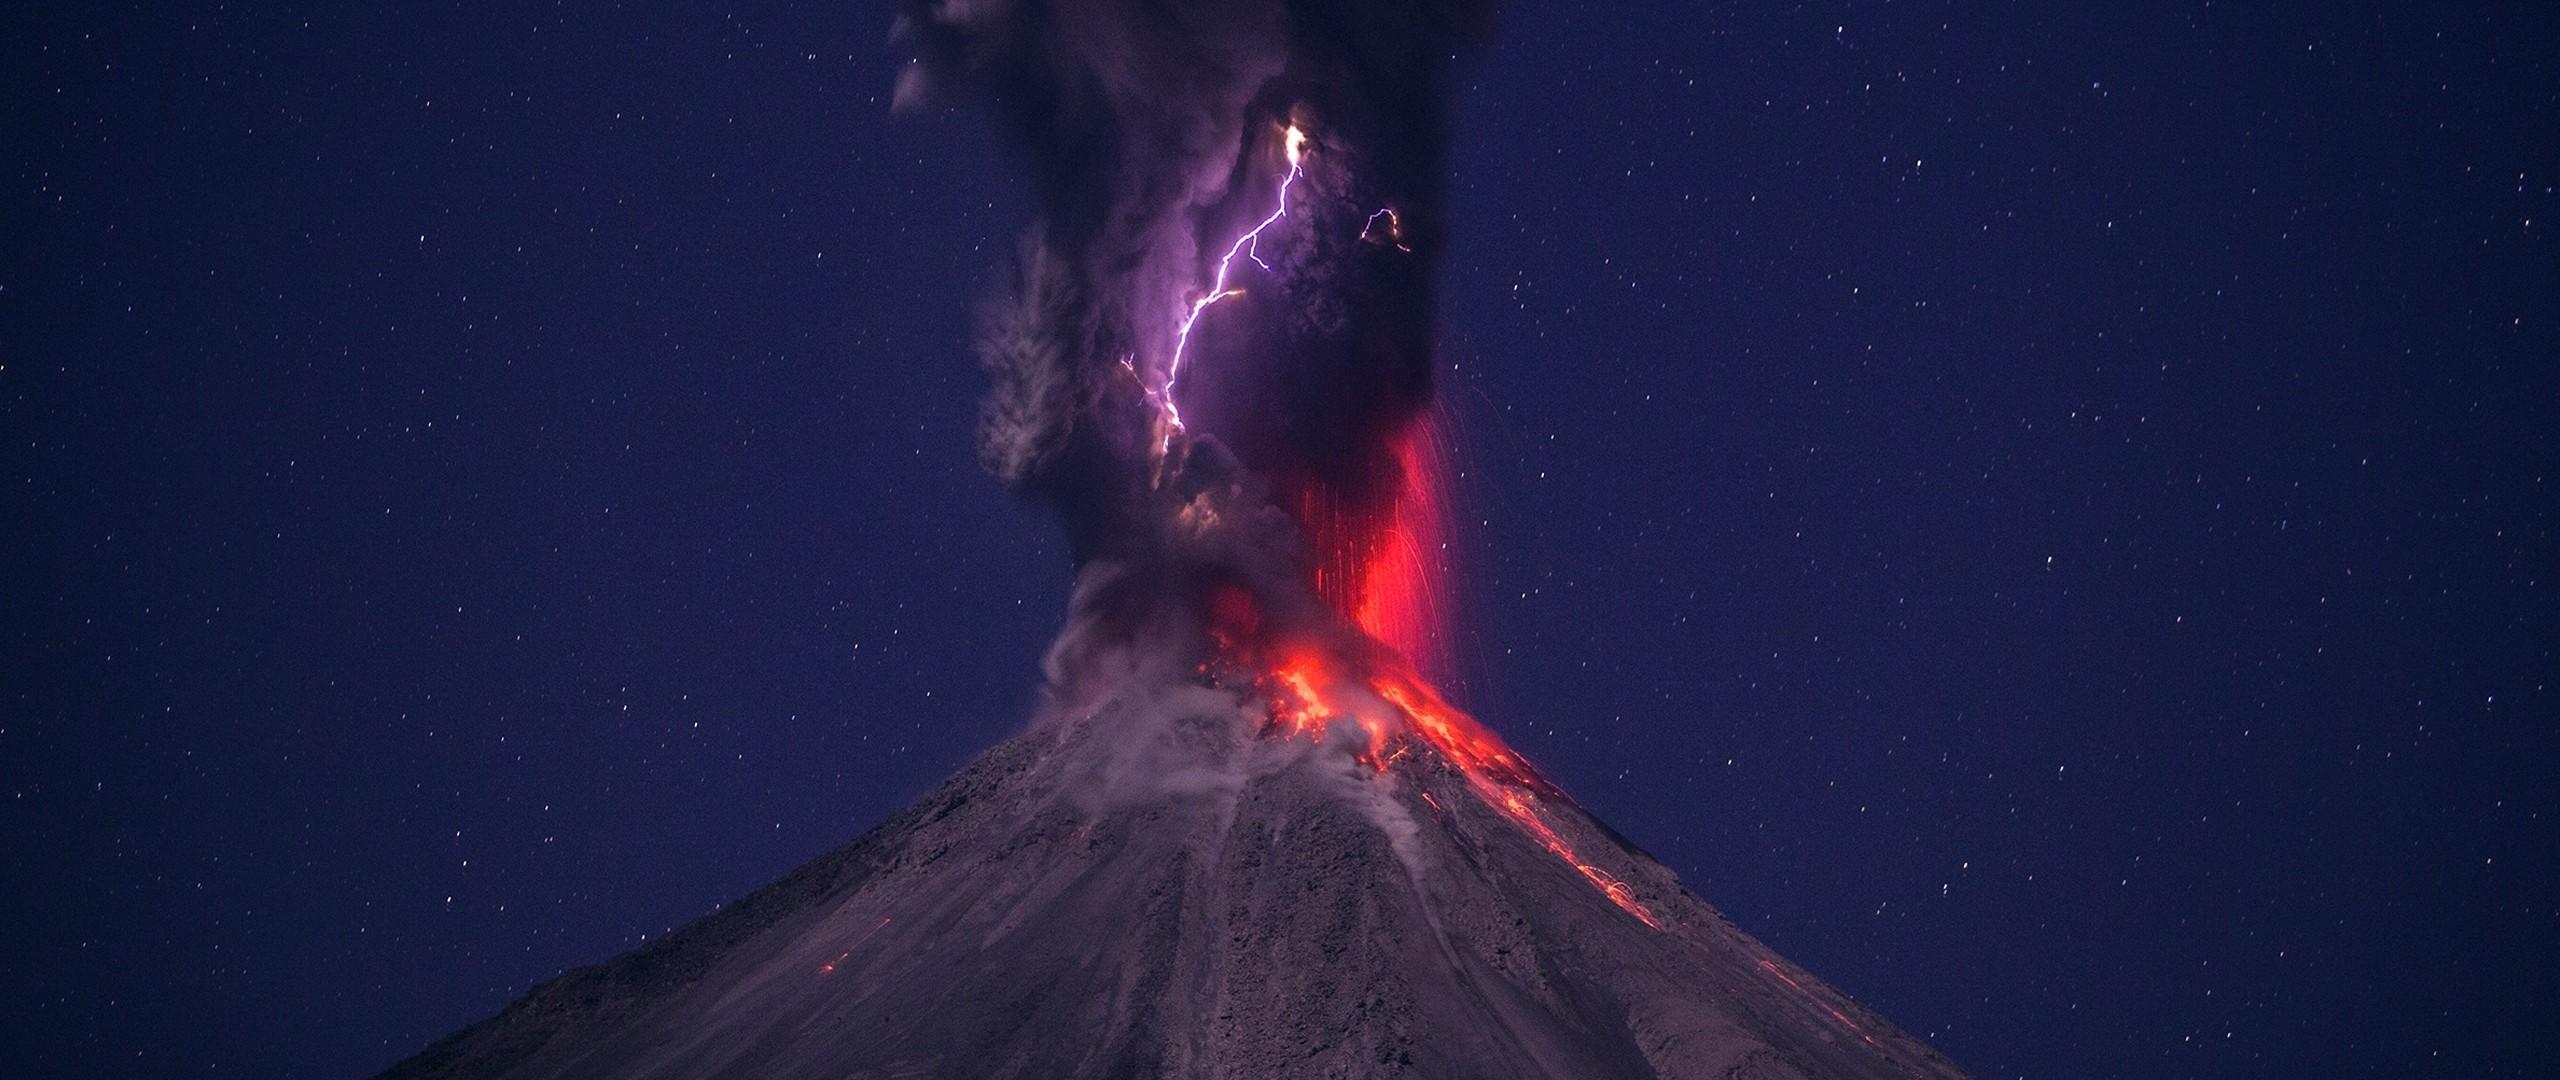 Wallpaper volcano, eruption, lightning, sky